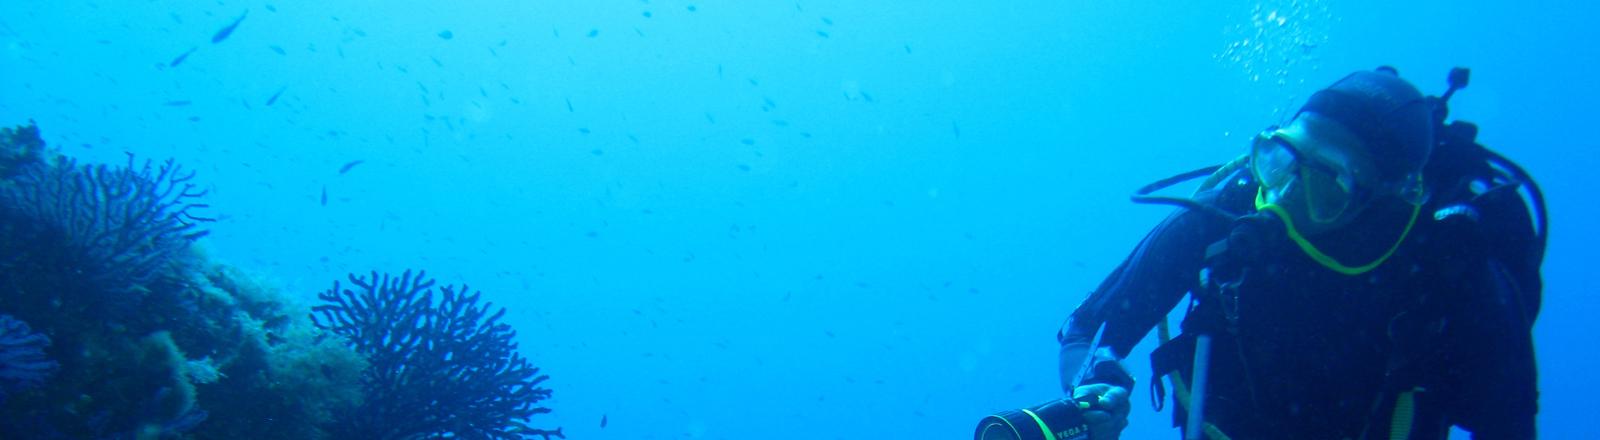 Taucher an einem Korallenriff im Mittelmeer